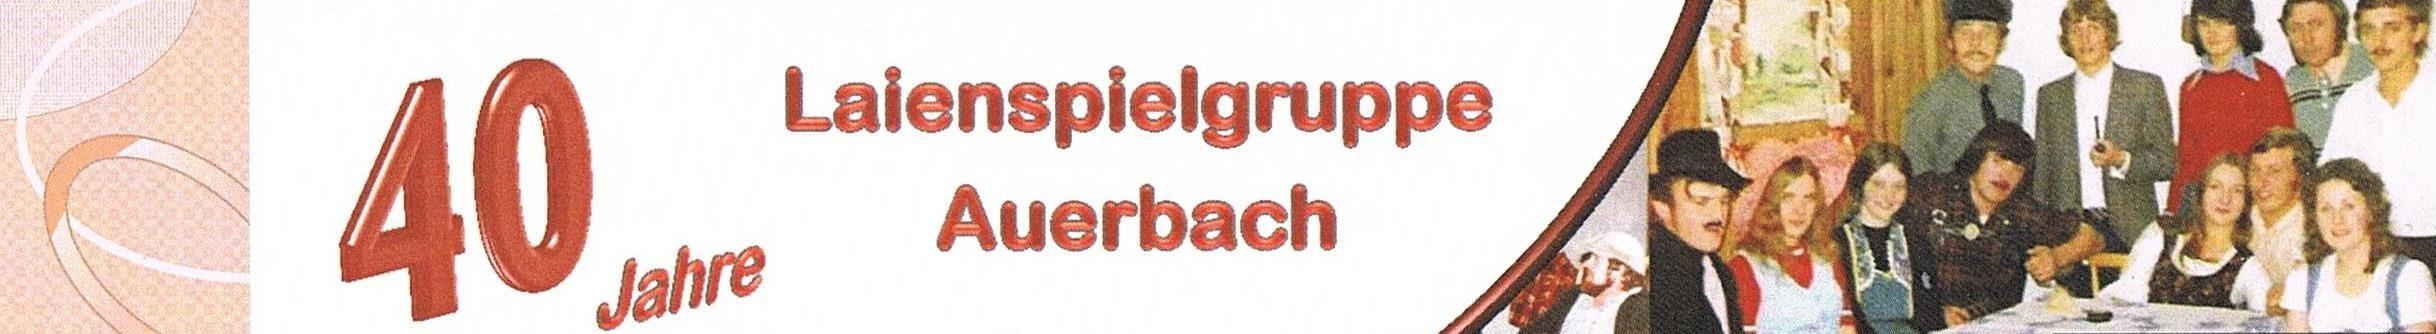 LSG Auerbach